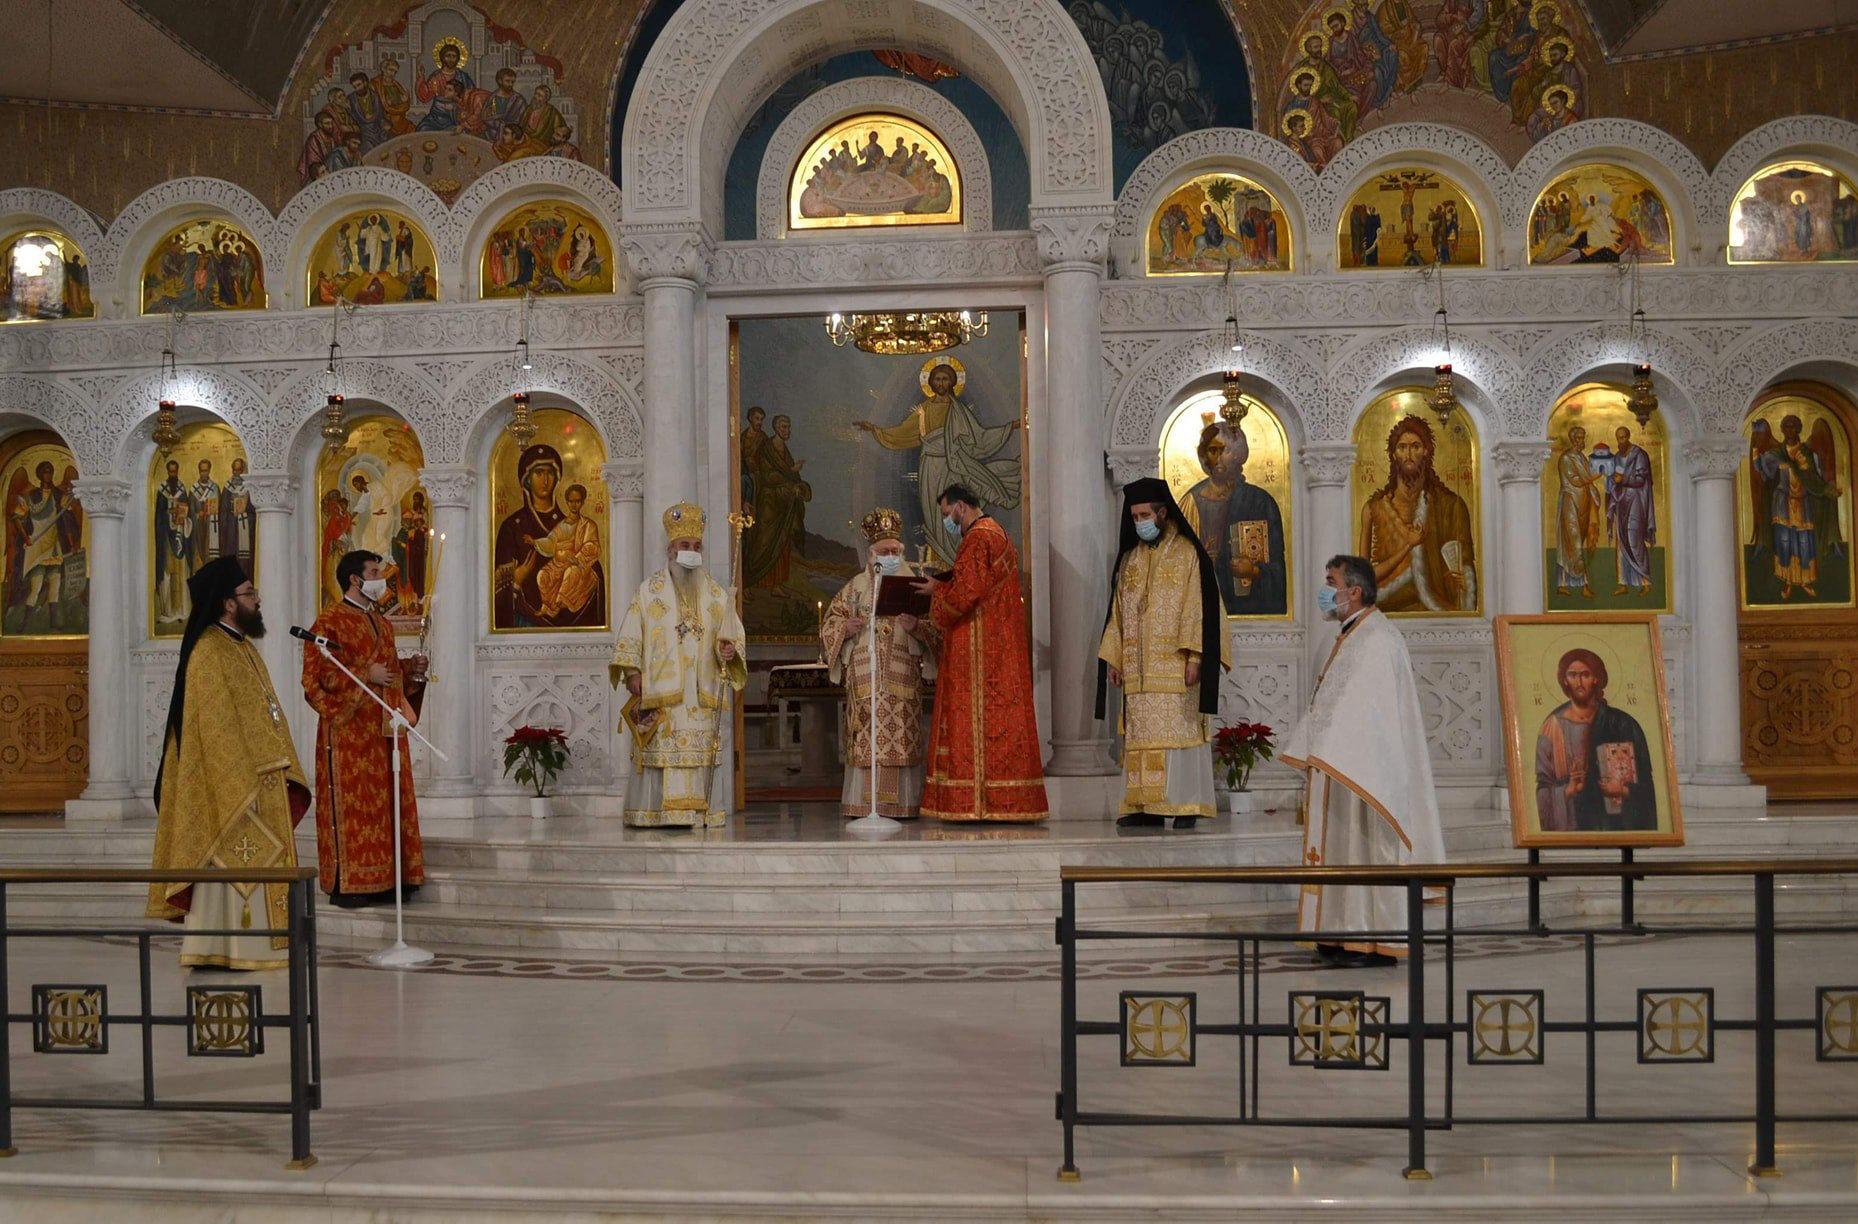 Αρχιεπίσκοπος Αναστάσιος Χριστούγεννα Τίρανα